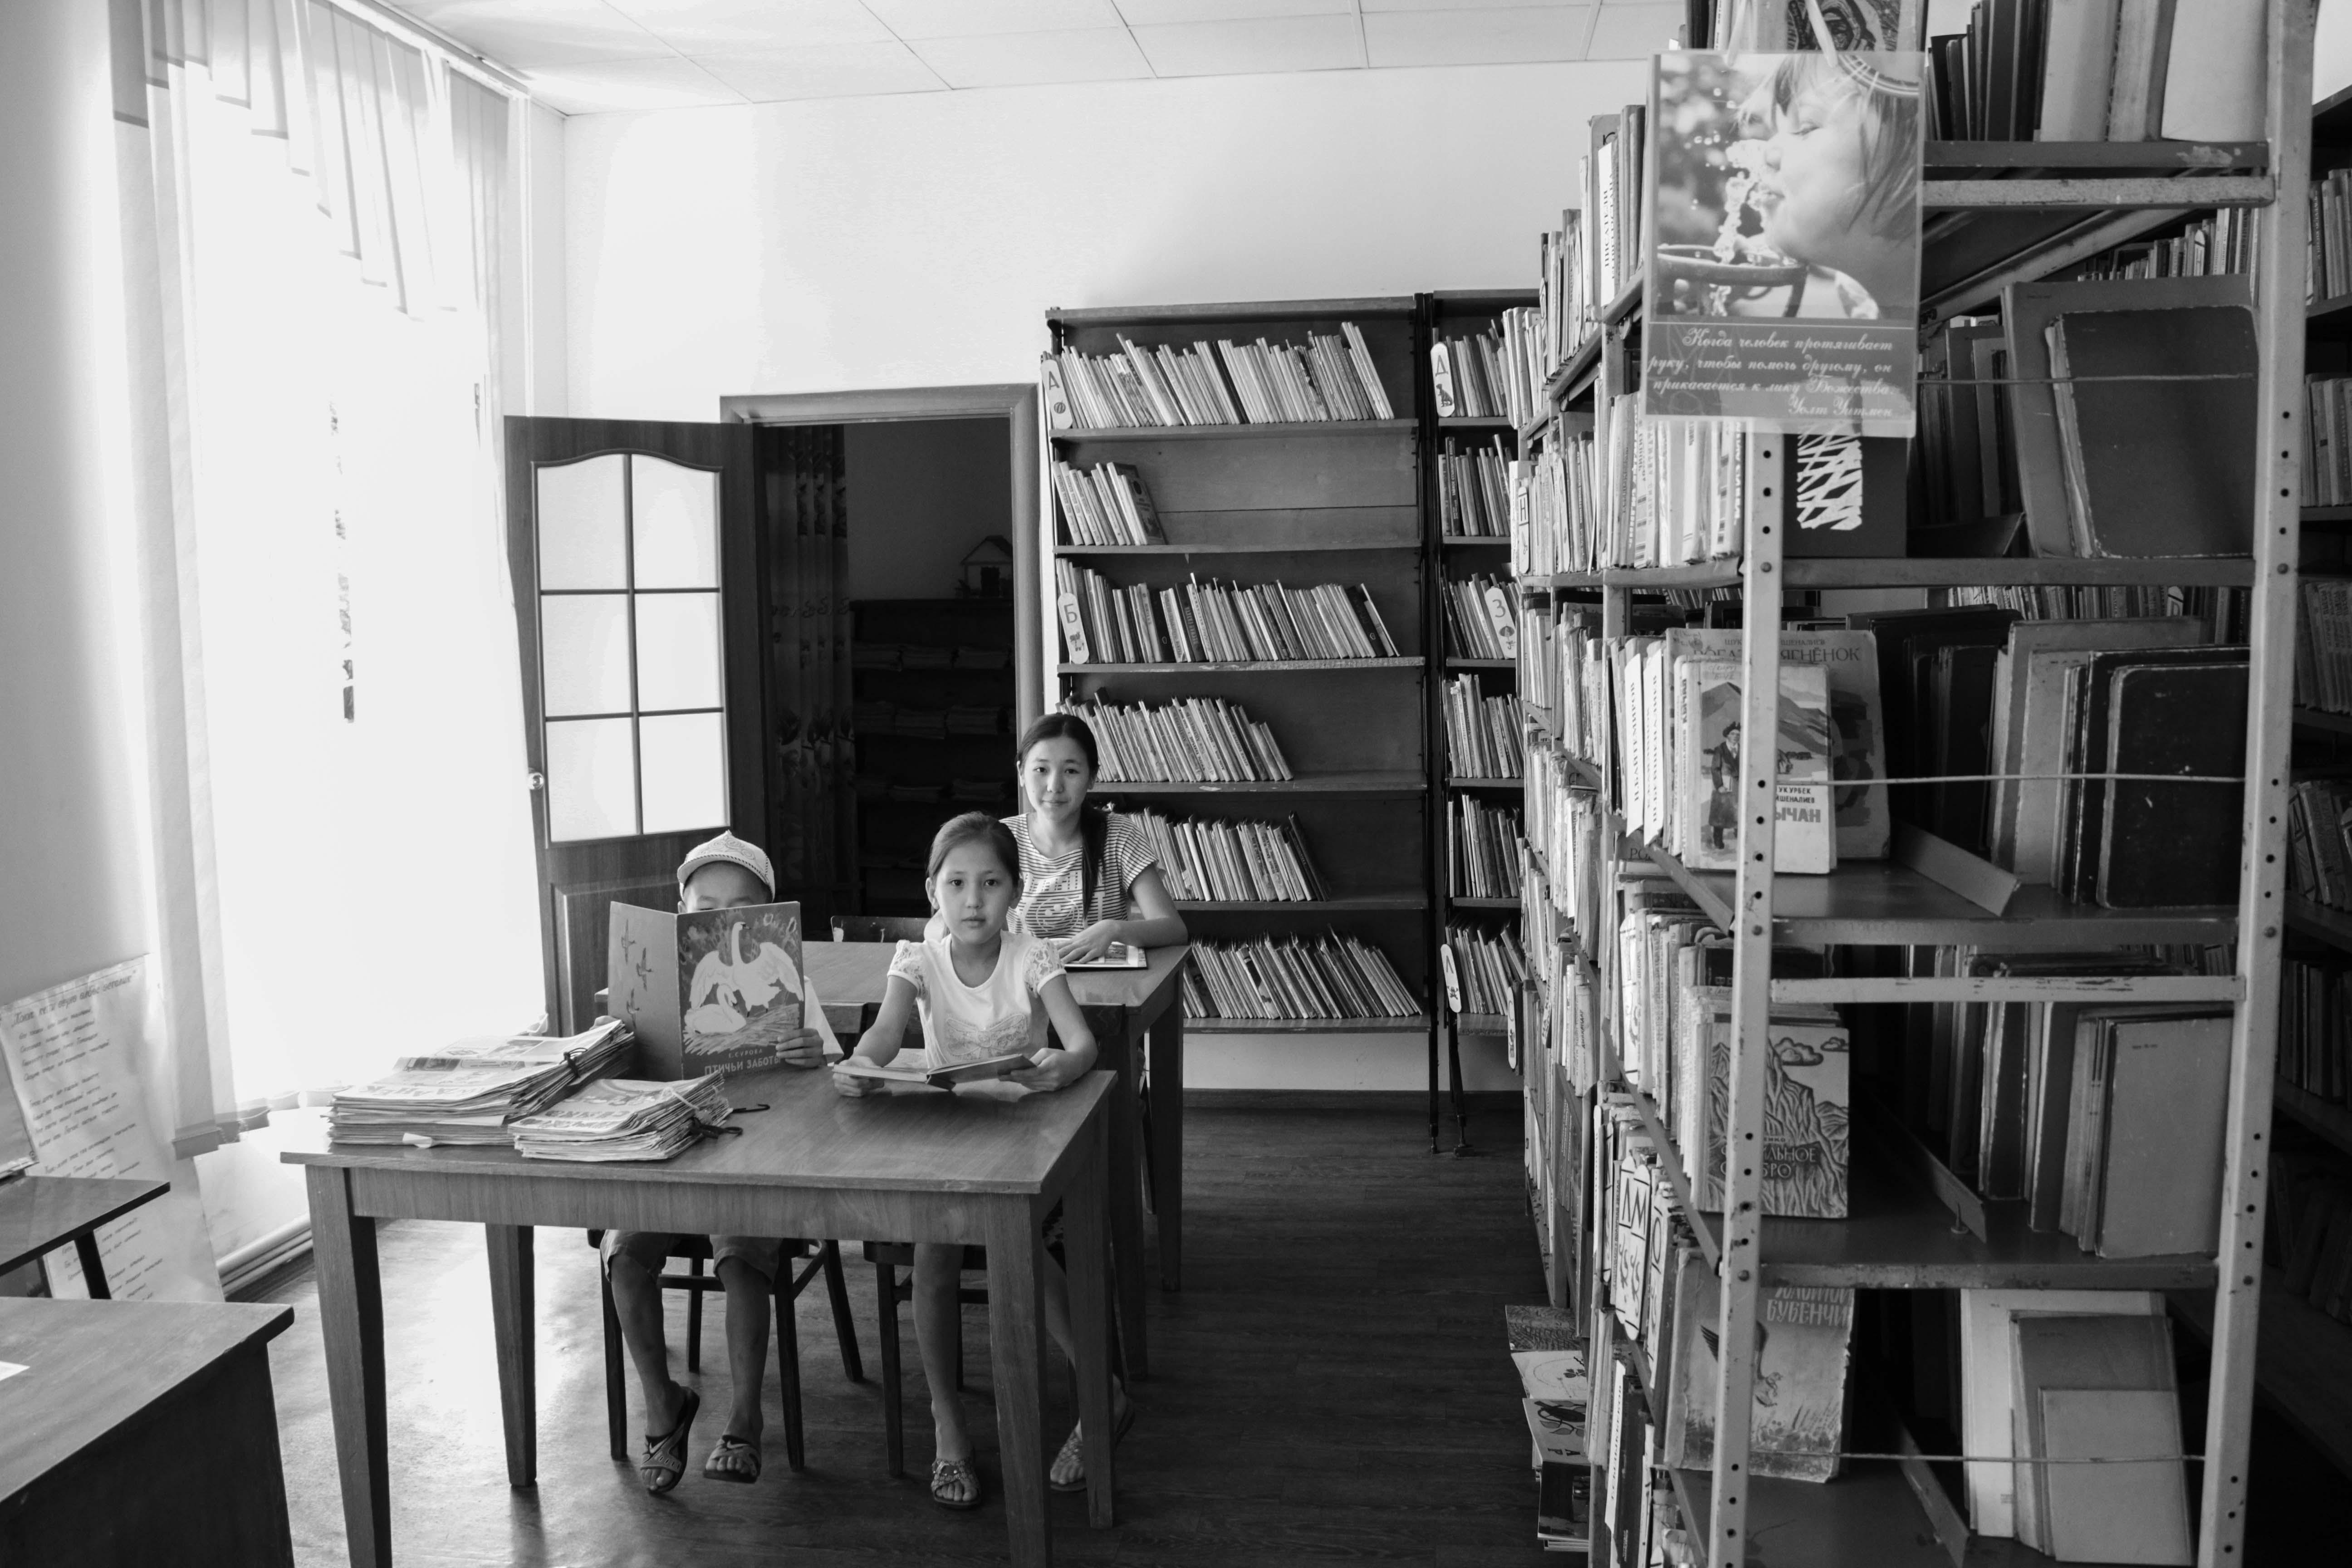 В детской библиотеке. На летних каникулах  школьники с удовольствием посещают читальный зал